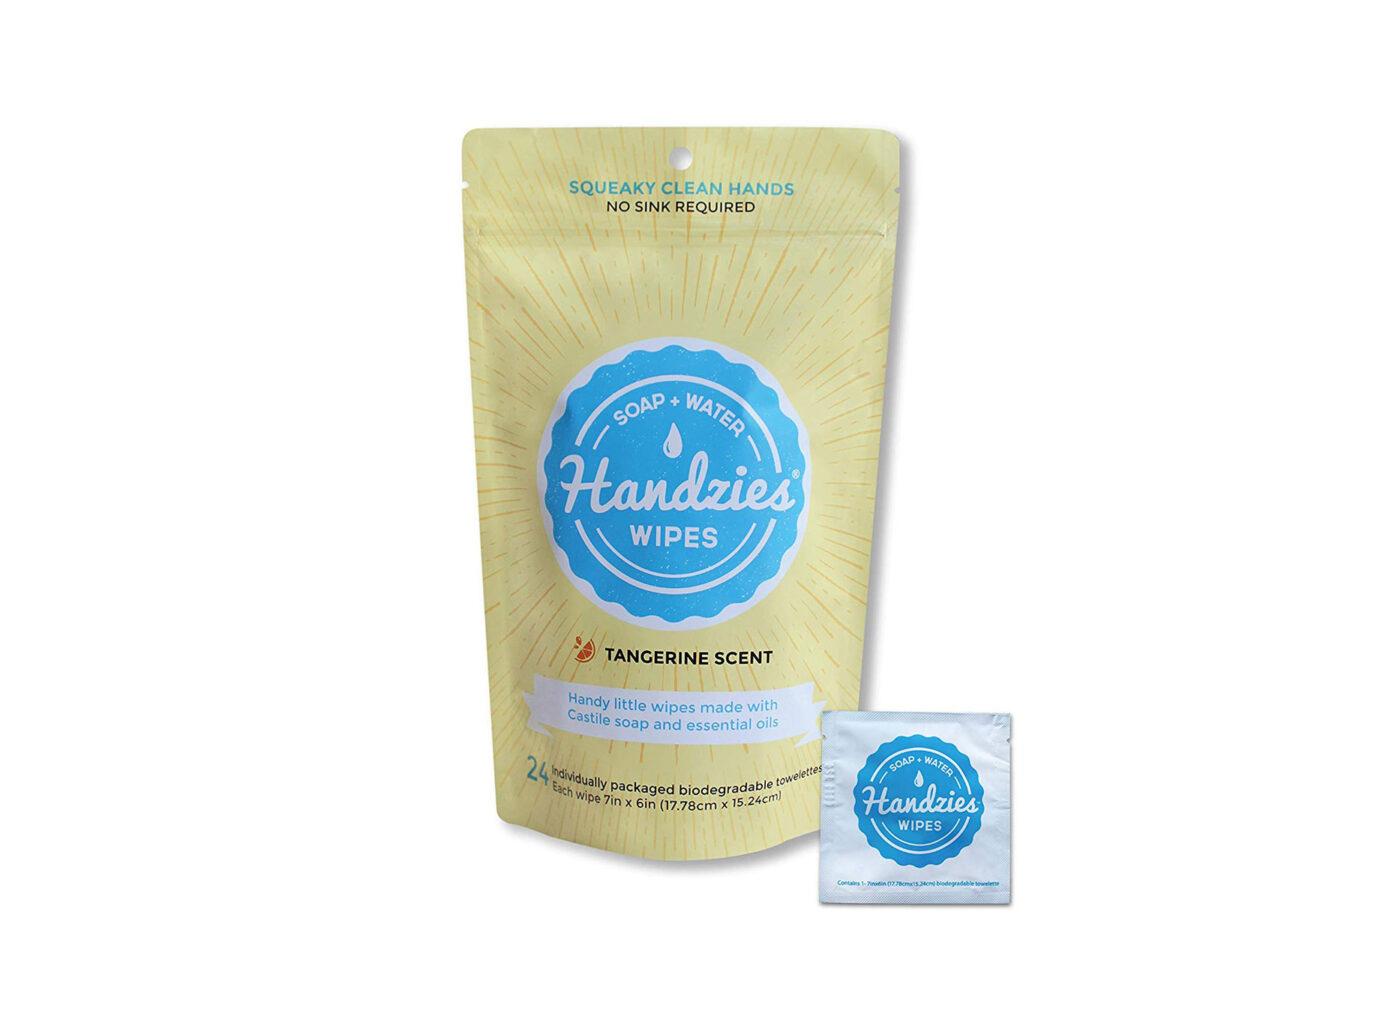 Handzies Natural Hand Sanitizer Wipes